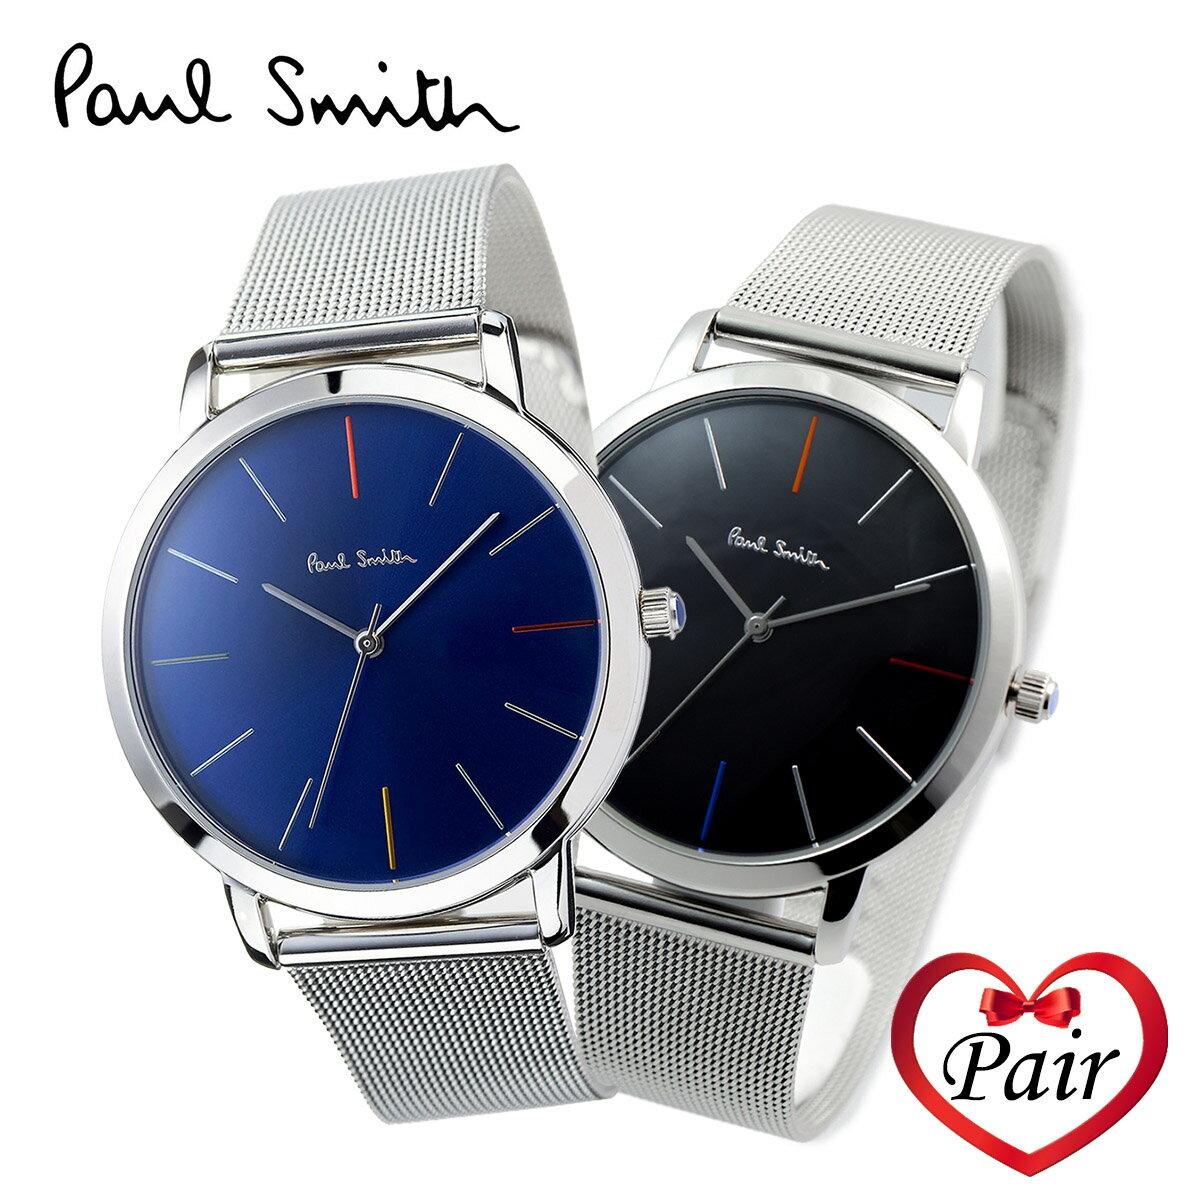 Paul Smith ポールスミス MA エムエー 38mm 40mm ペアウォッチ メンズ レディース 腕時計 レザー メタル ウォッチ プレゼント 贈り物 記念日 ギフト [人気][流行][ブランド][ギフト][プレゼント][海外正規商品][送料無料][あす楽]